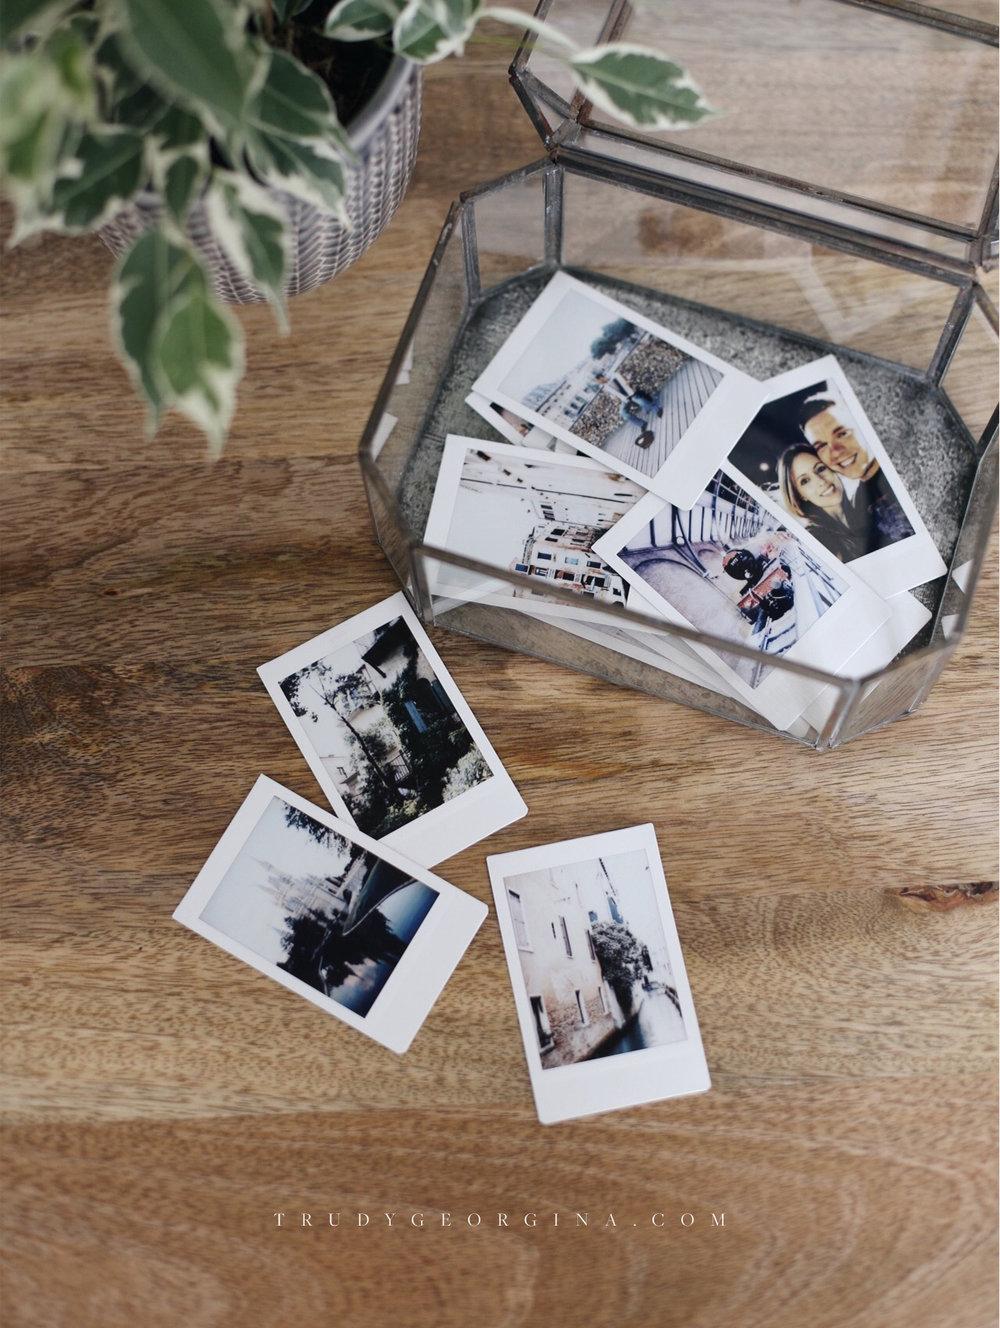 How I organise my photos | @trudygeorgina